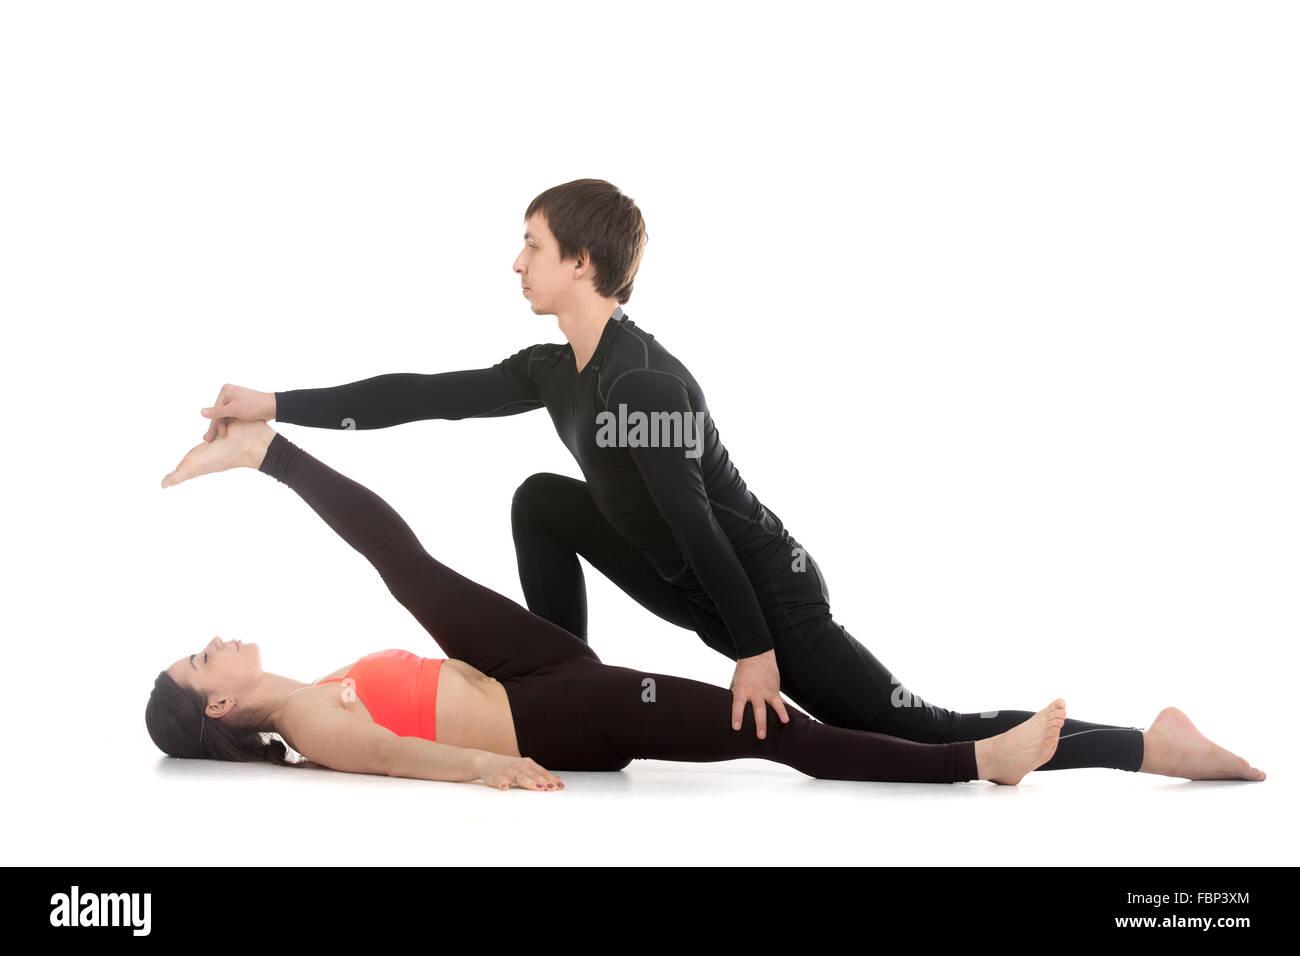 Dos personas practicando yoga deportivo con la pareja 1635b8ba6b87